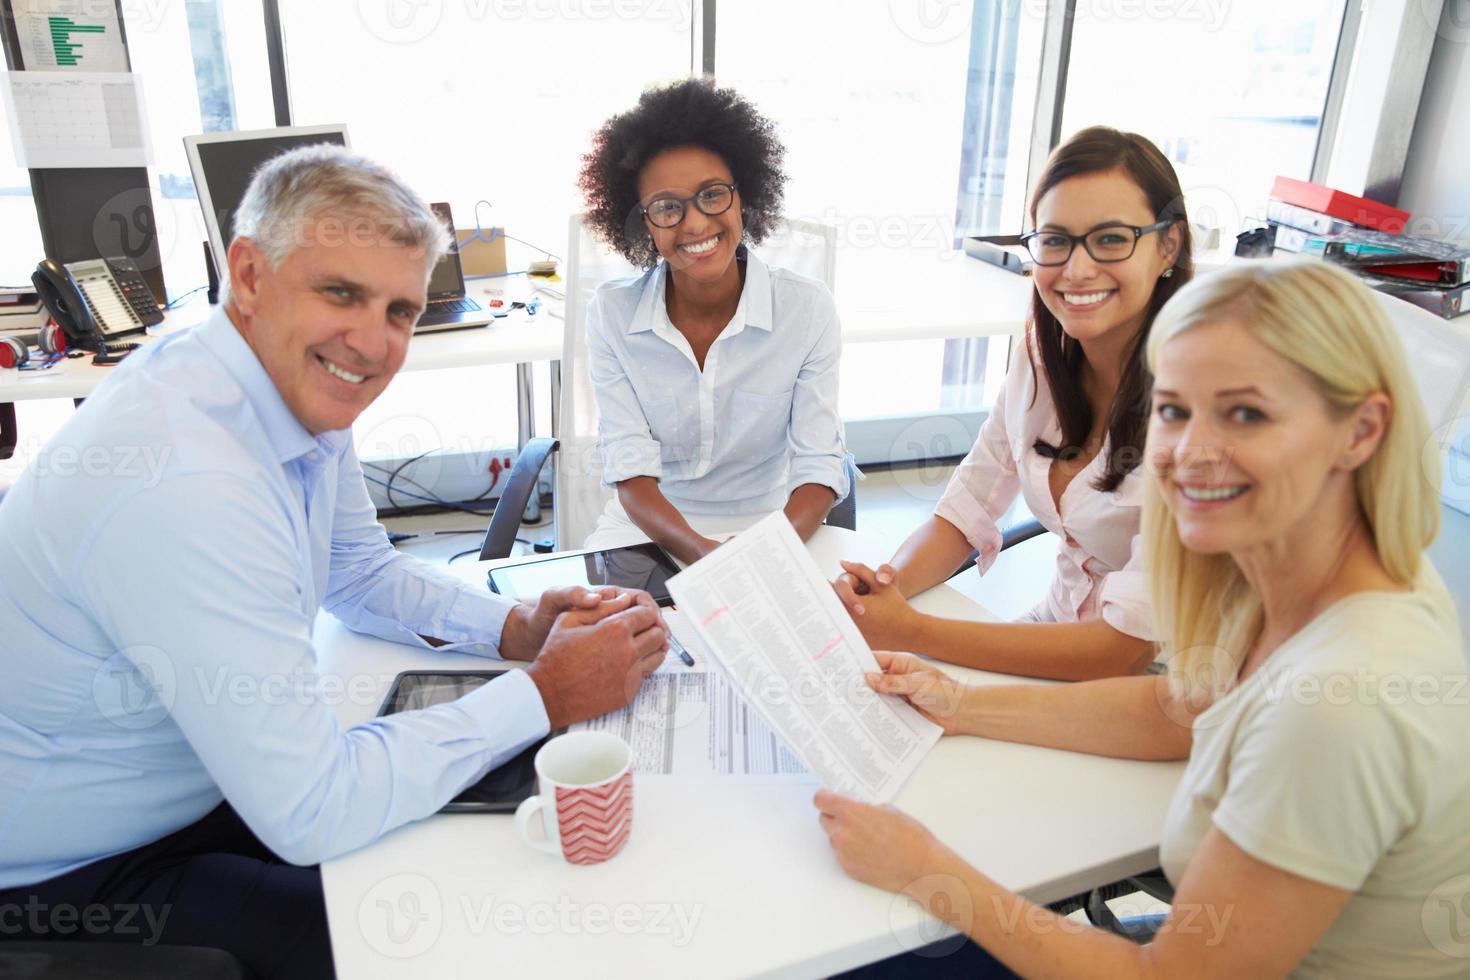 quatro colegas reunidos em torno de uma mesa em um escritório foto